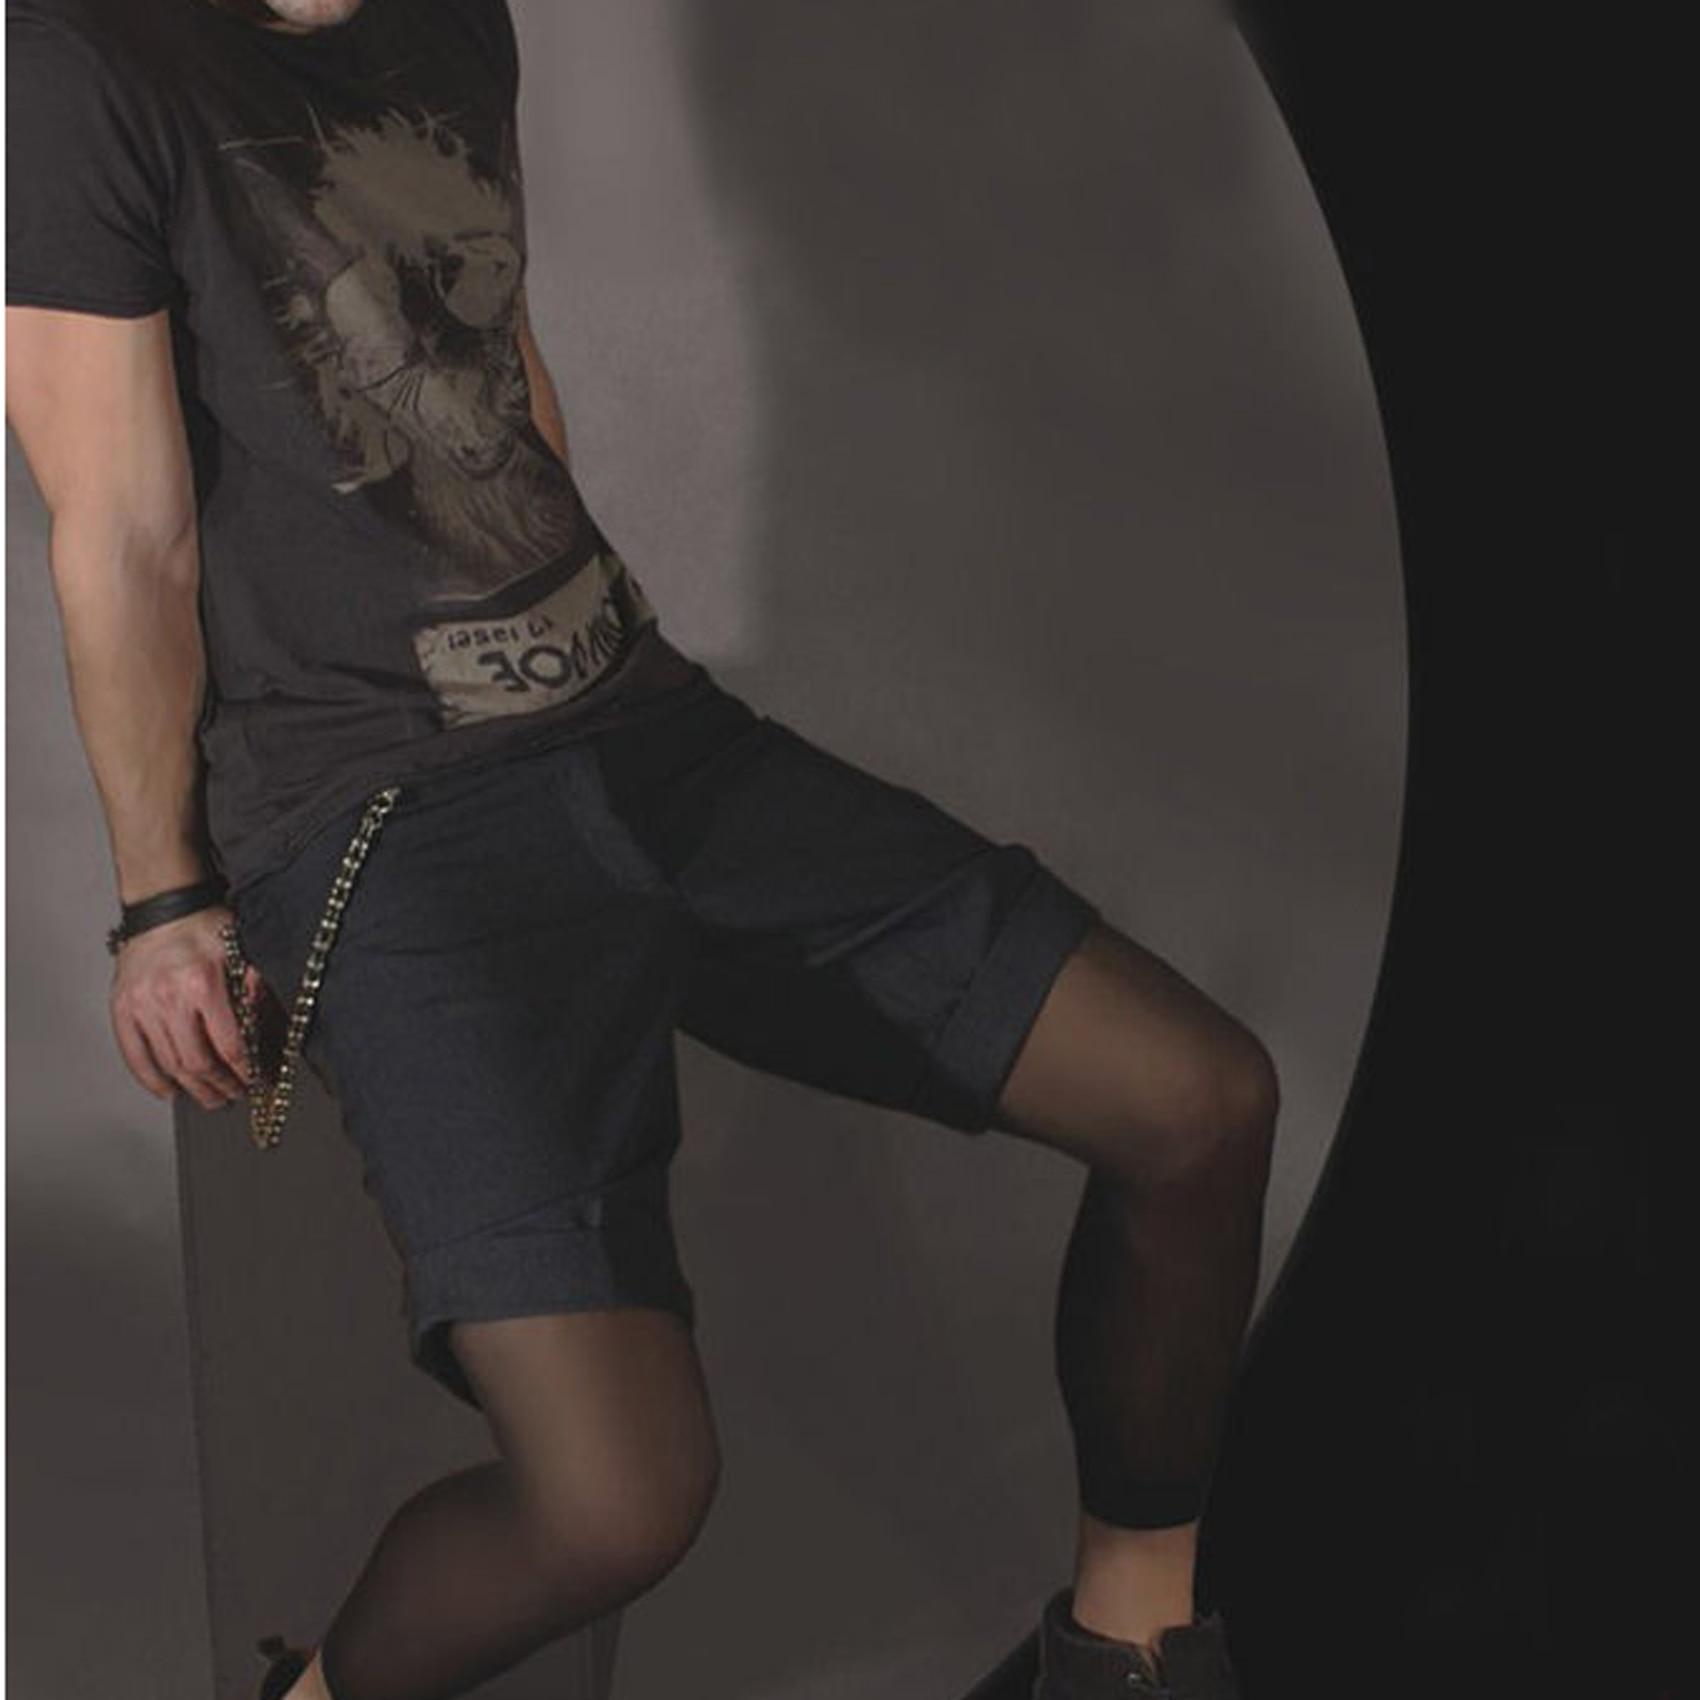 2017 Mode Männer Körper Strumpfhosen Sexy Männlichen Homosexuell Strümpfe Männer Neunte Hosen Spandex Strumpfhosen Herren Strumpfhosen Strumpf Billigverkauf 50%